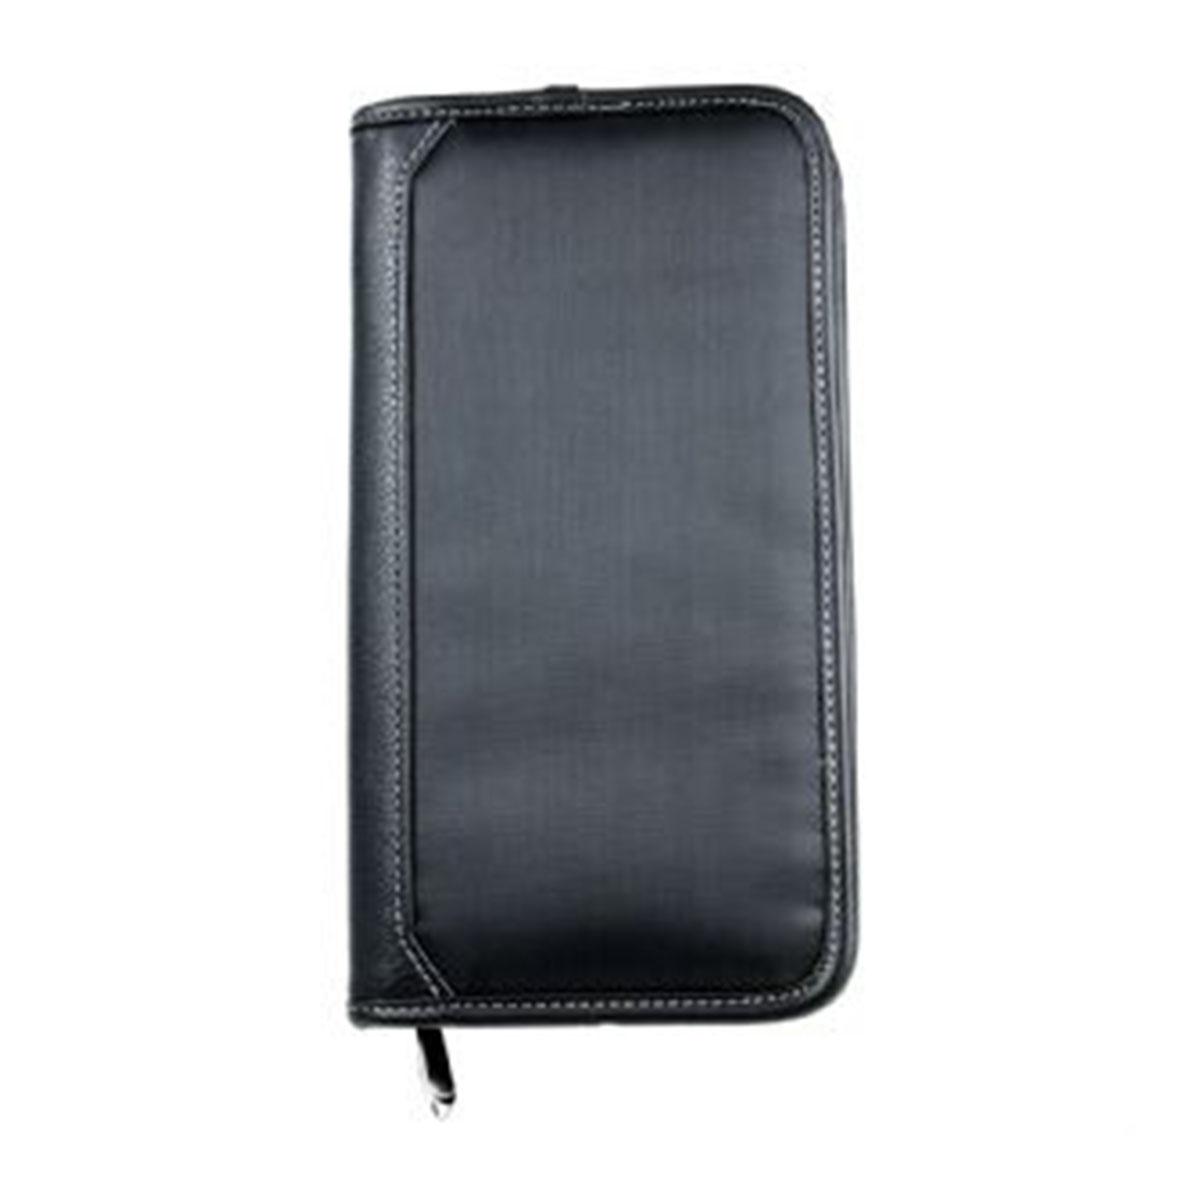 Zip Travel Wallet-Black.